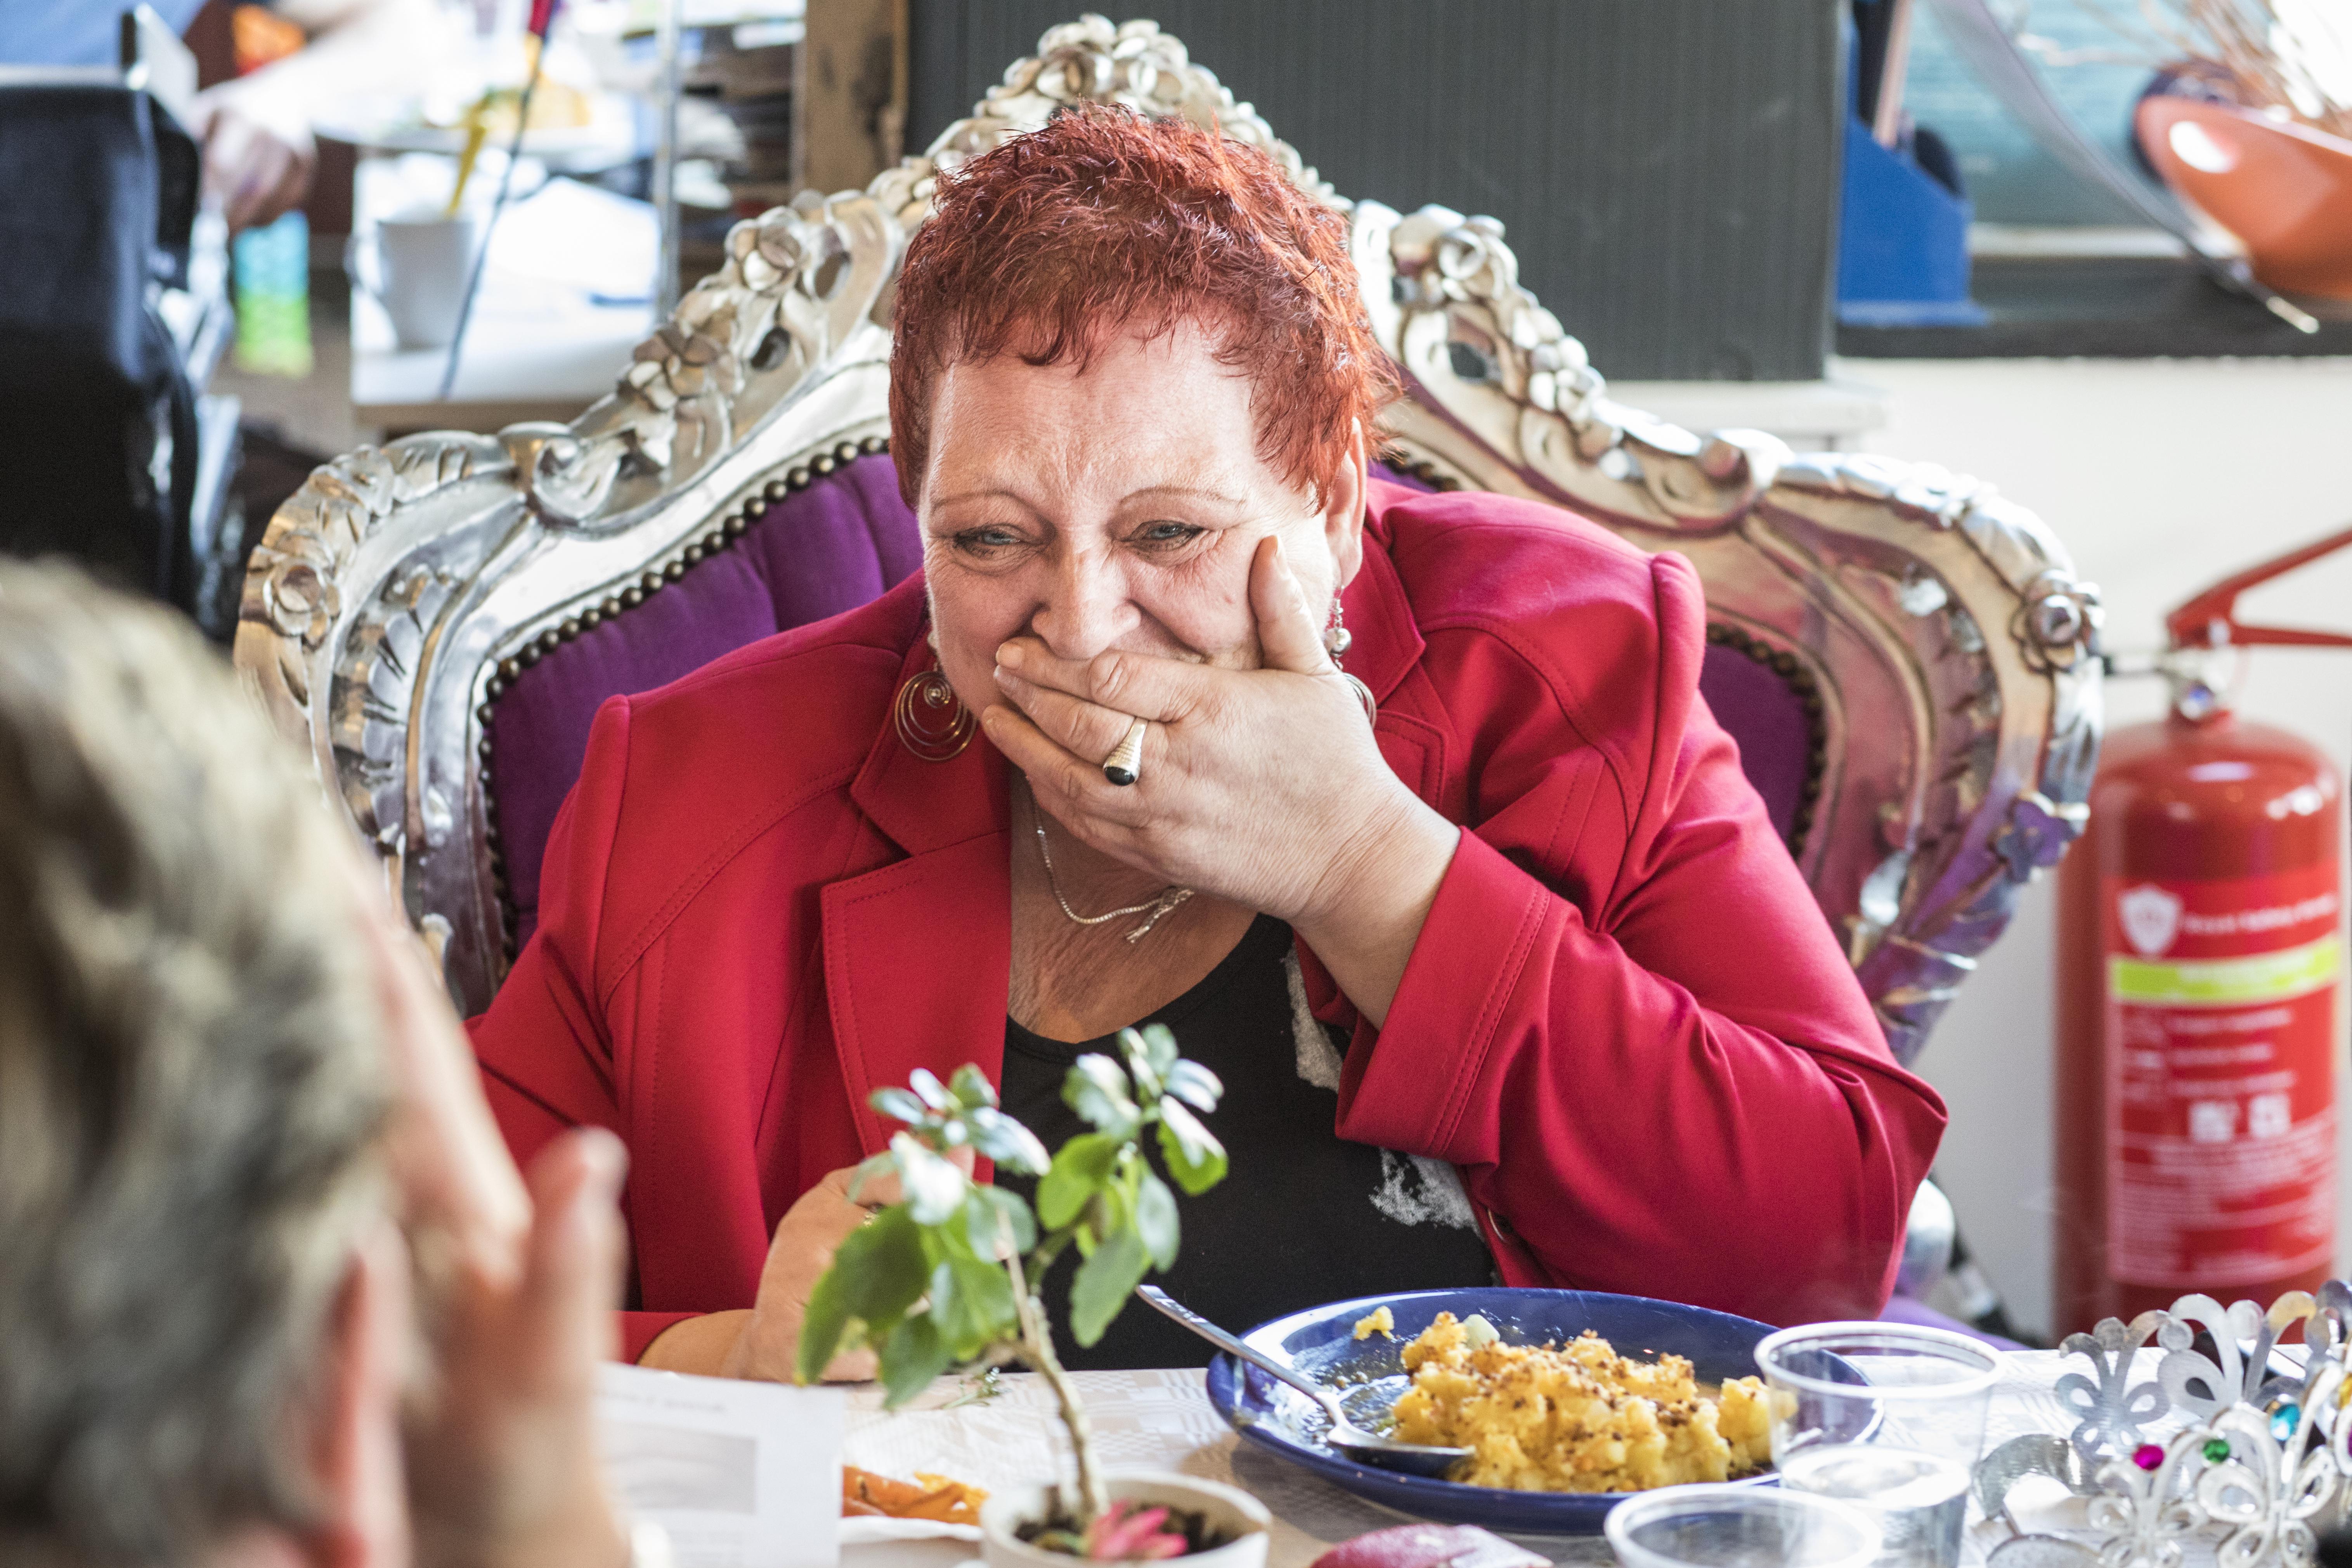 De Koningin van de Voedselbank. (Foto: Marlise Steeman)